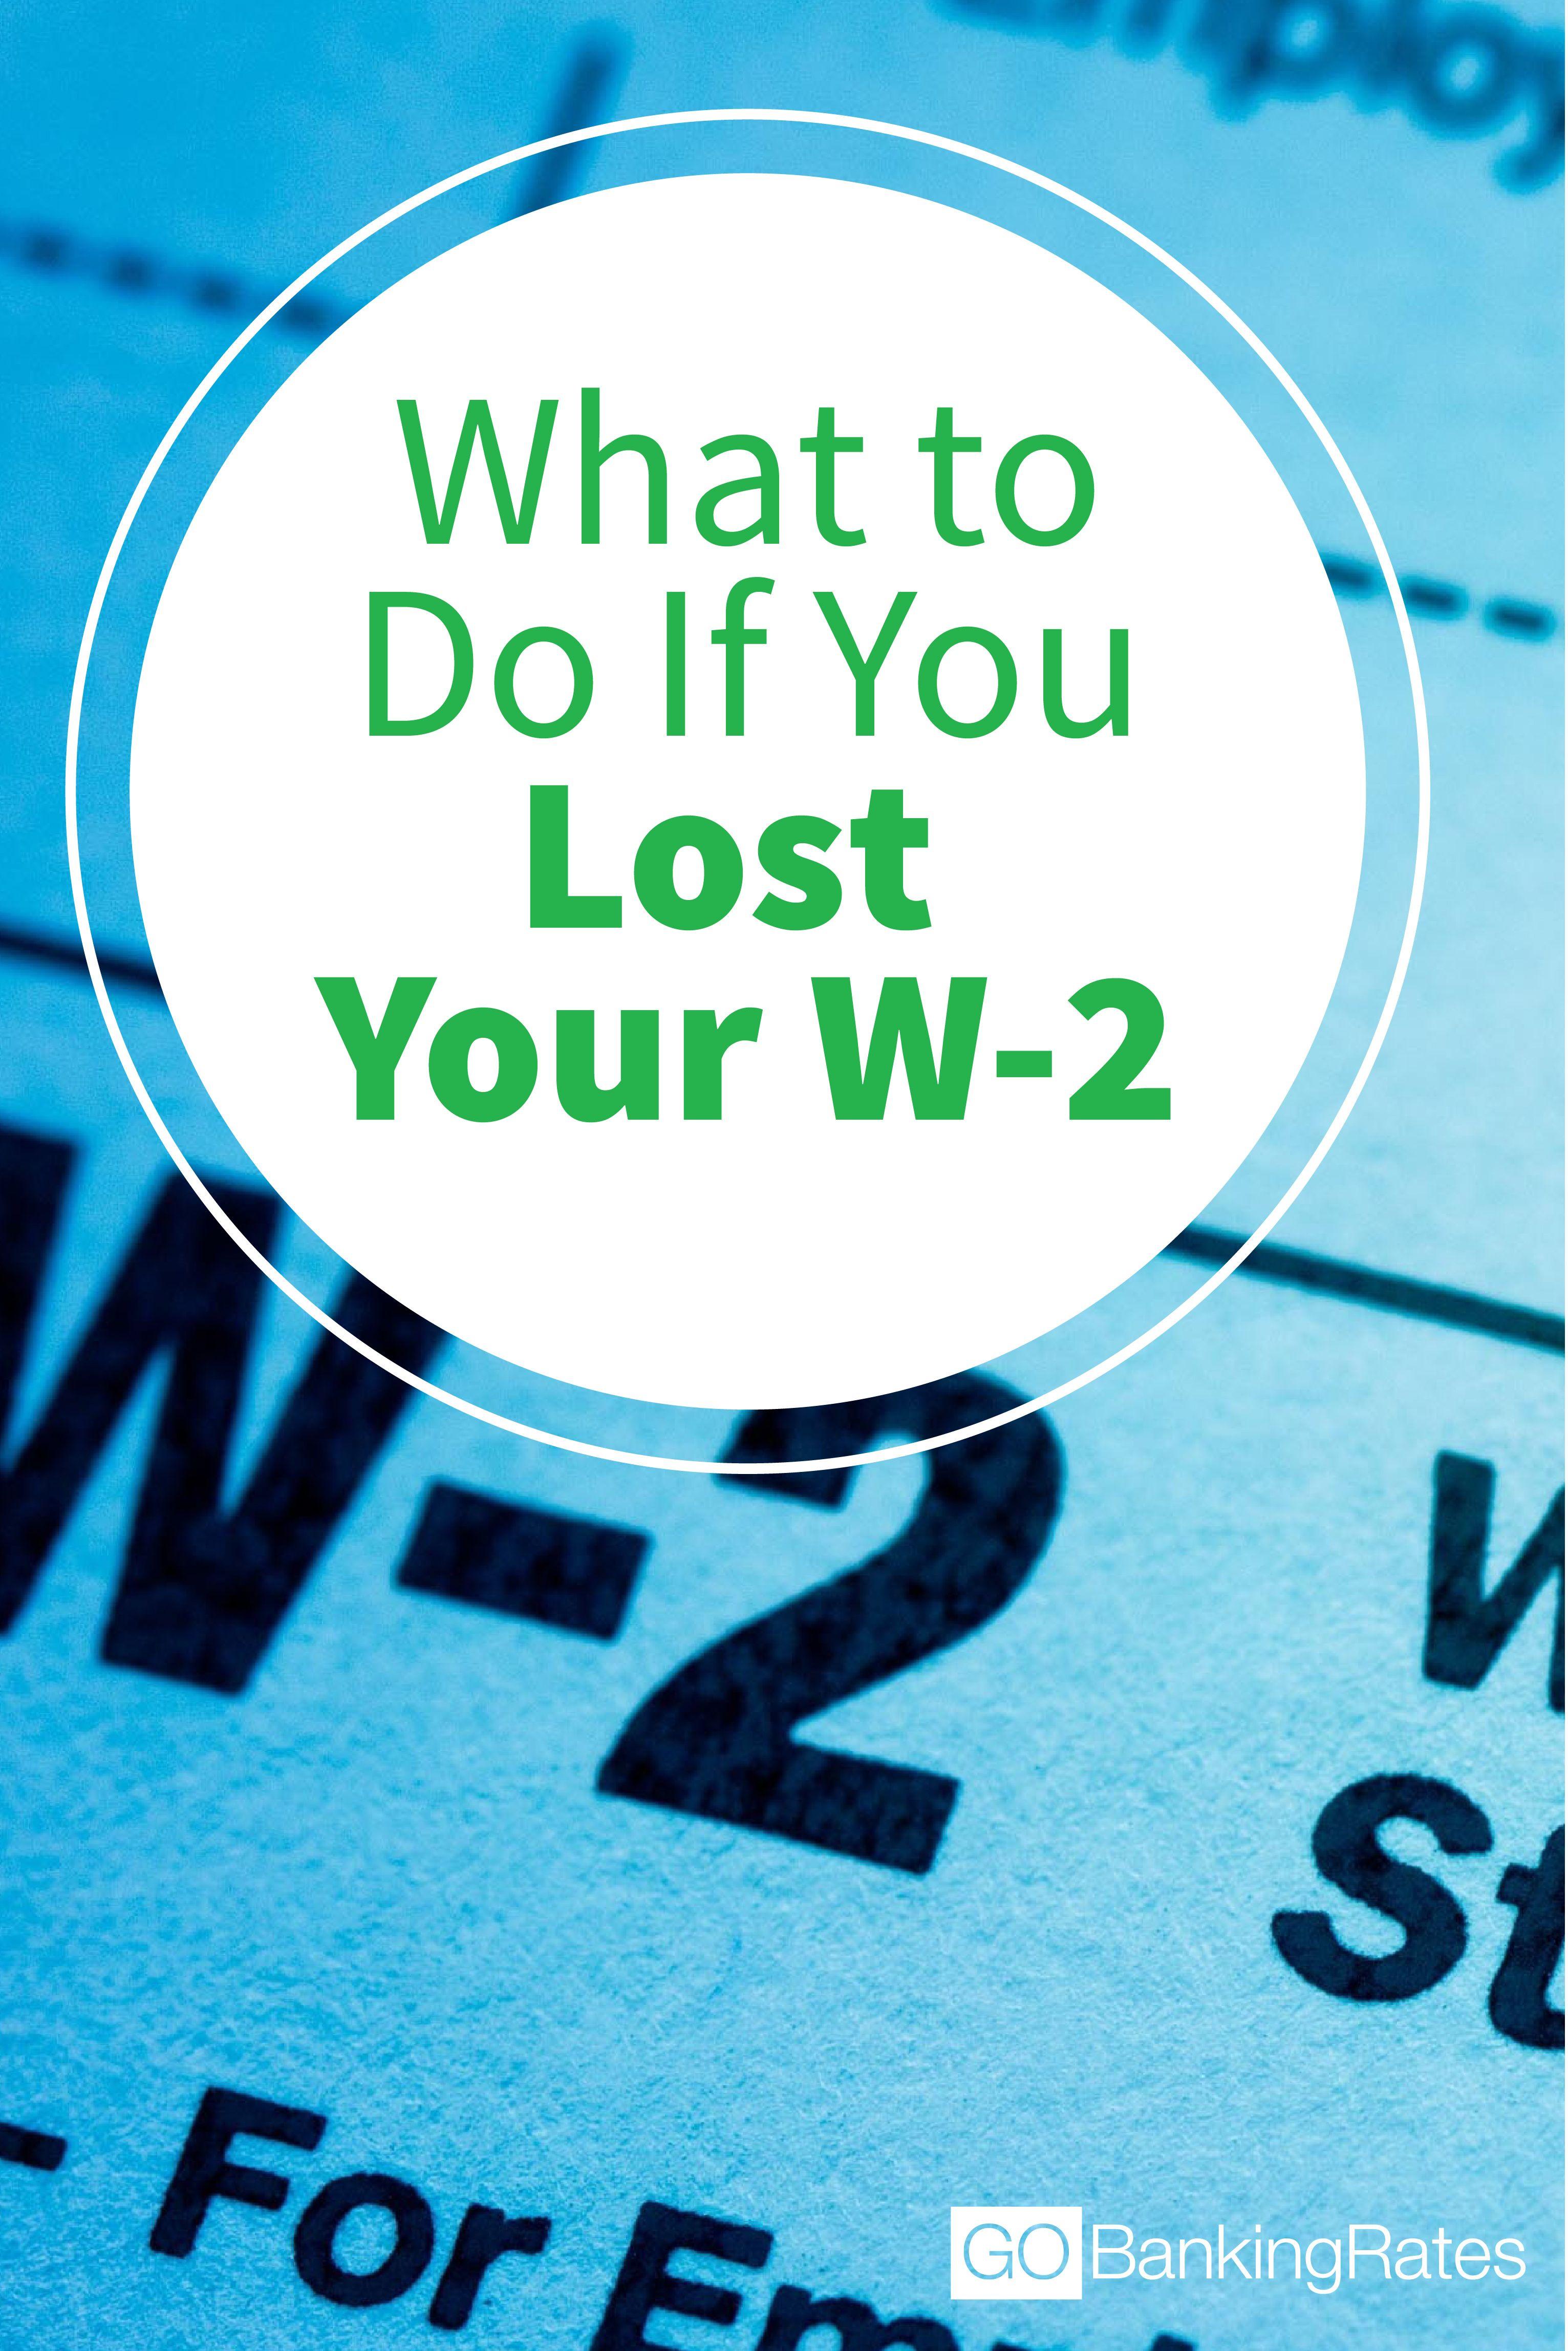 fc5c8398ca9b166a85e5a1fbbe8241ec - How To Get A Copy Of My Lost W2